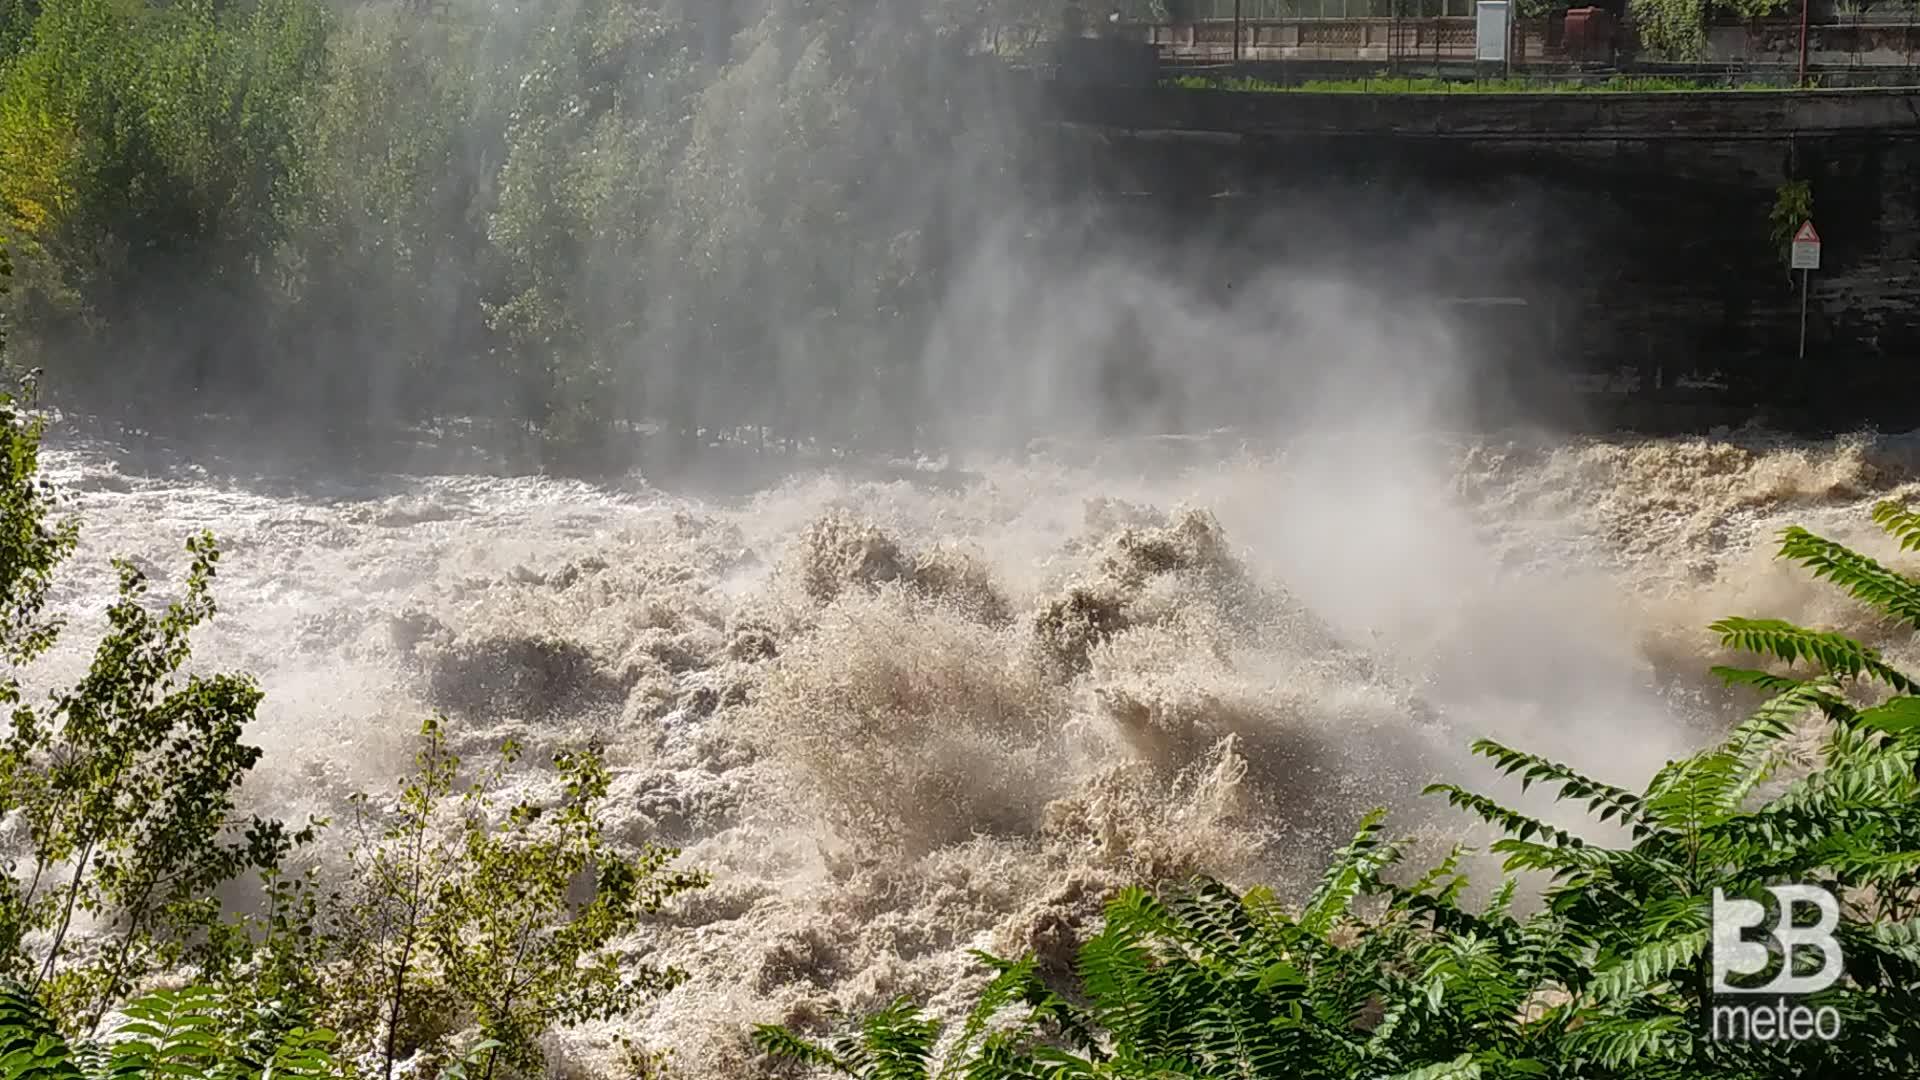 Cronaca METEO DIRETTA VIDEO: piena del fiume Brembo